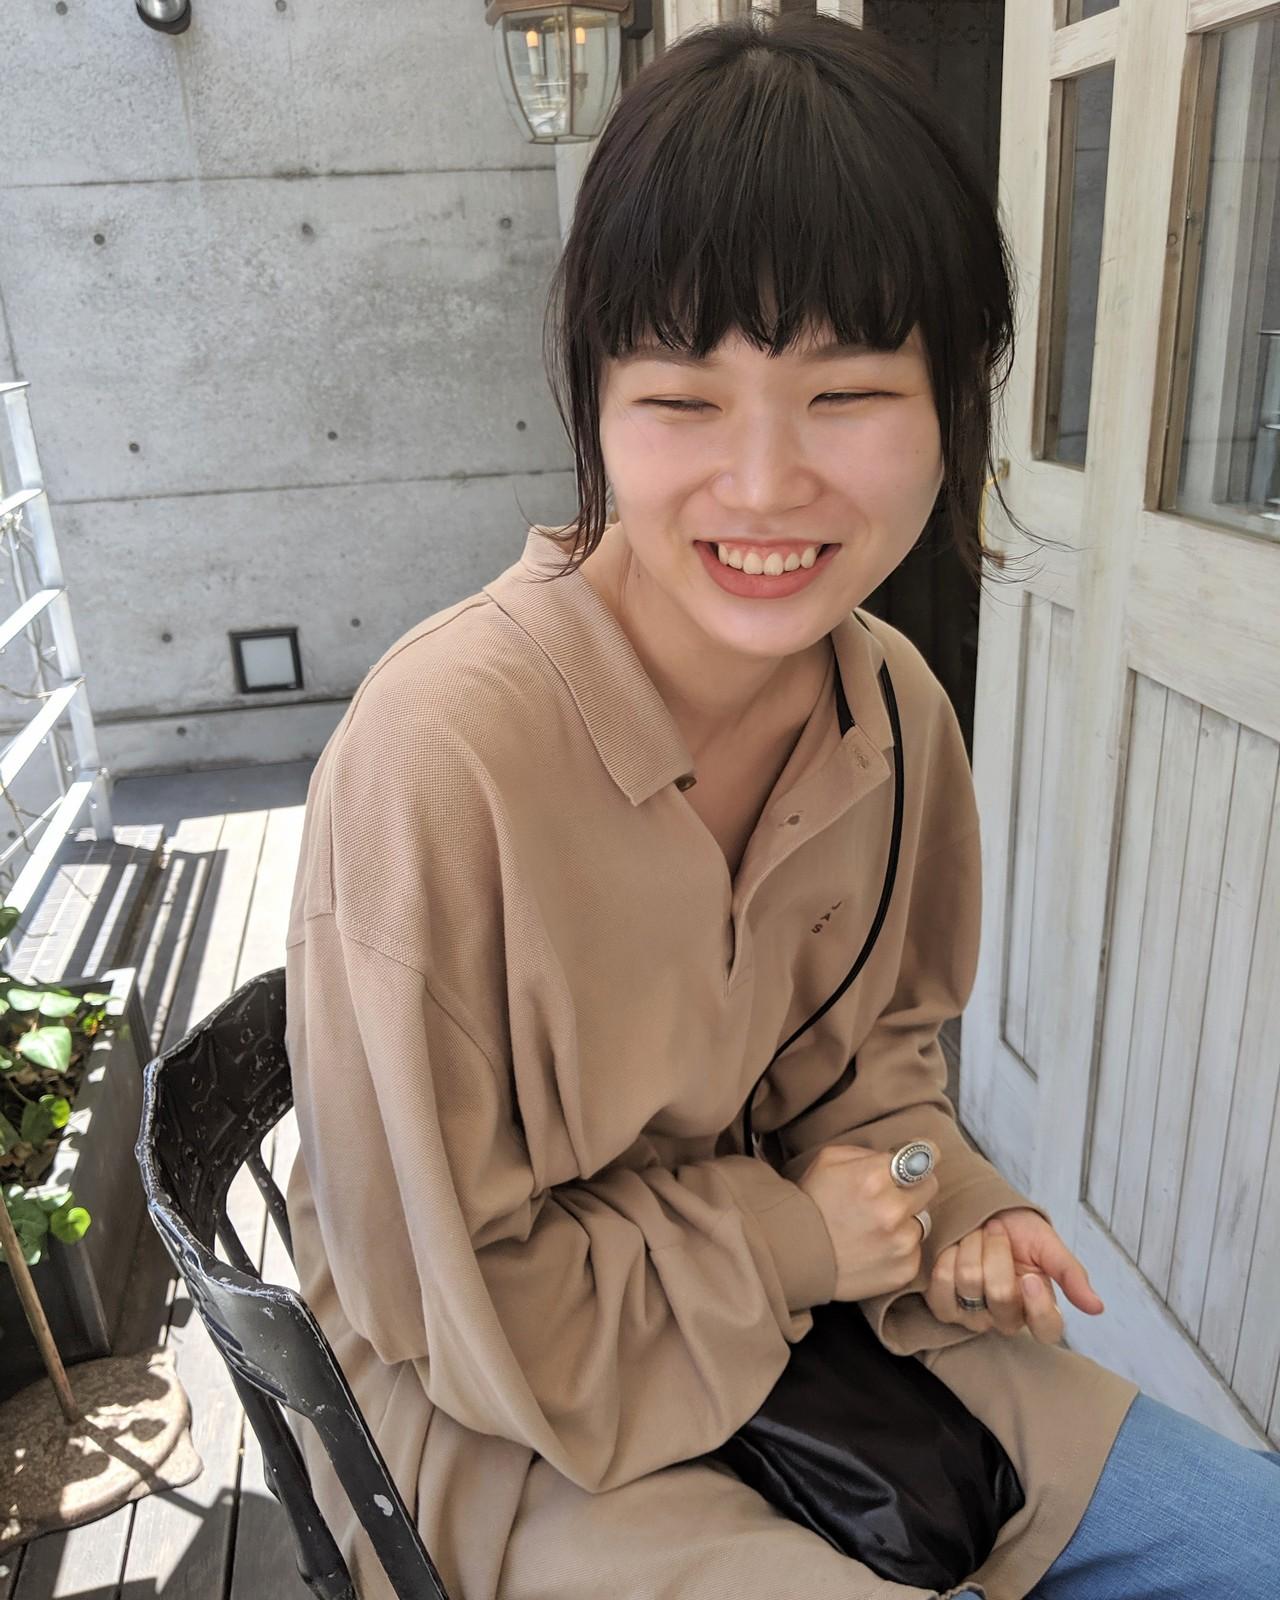 アウトドア ナチュラル ヘアアレンジ オン眉 ヘアスタイルや髪型の写真・画像 | HIFUMI / möwen